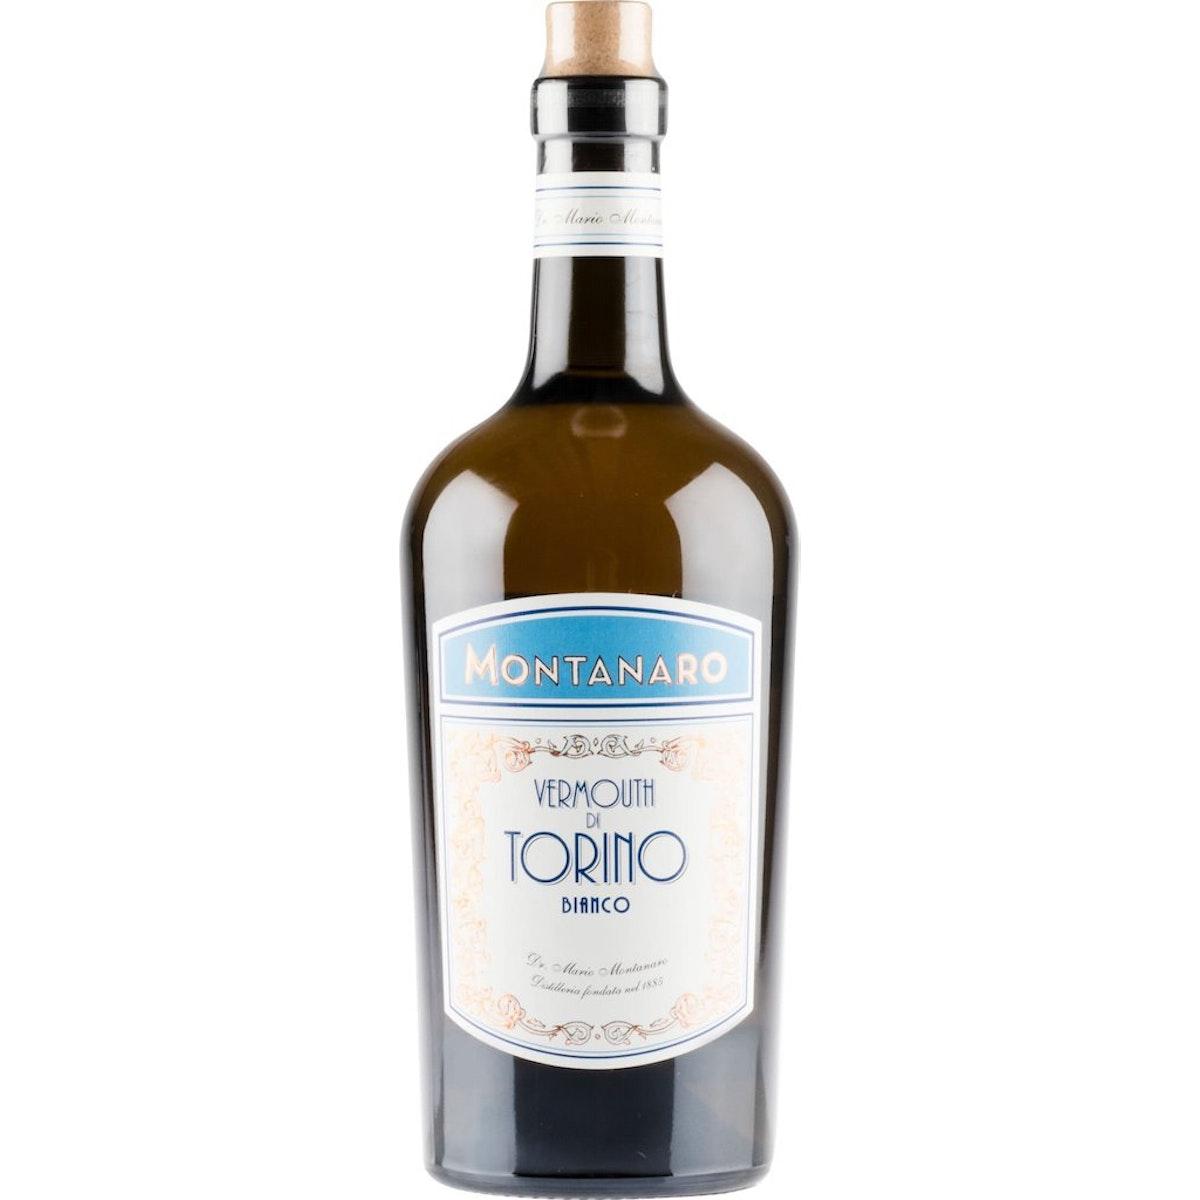 Vermouth Torino Bianco